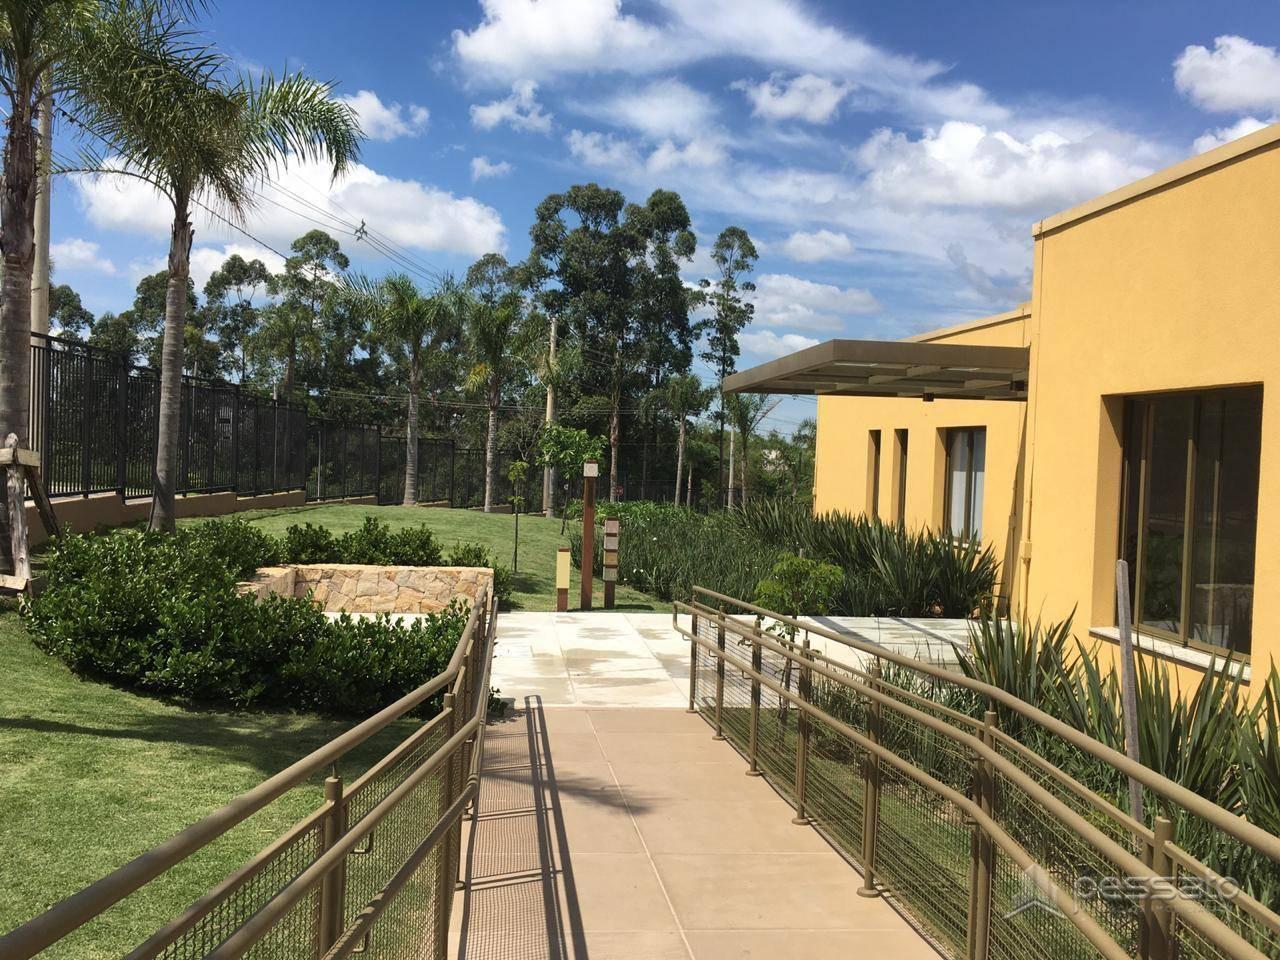 terreno 0 dormitórios em Gravataí, no bairro Cyrela Landscape Seminario